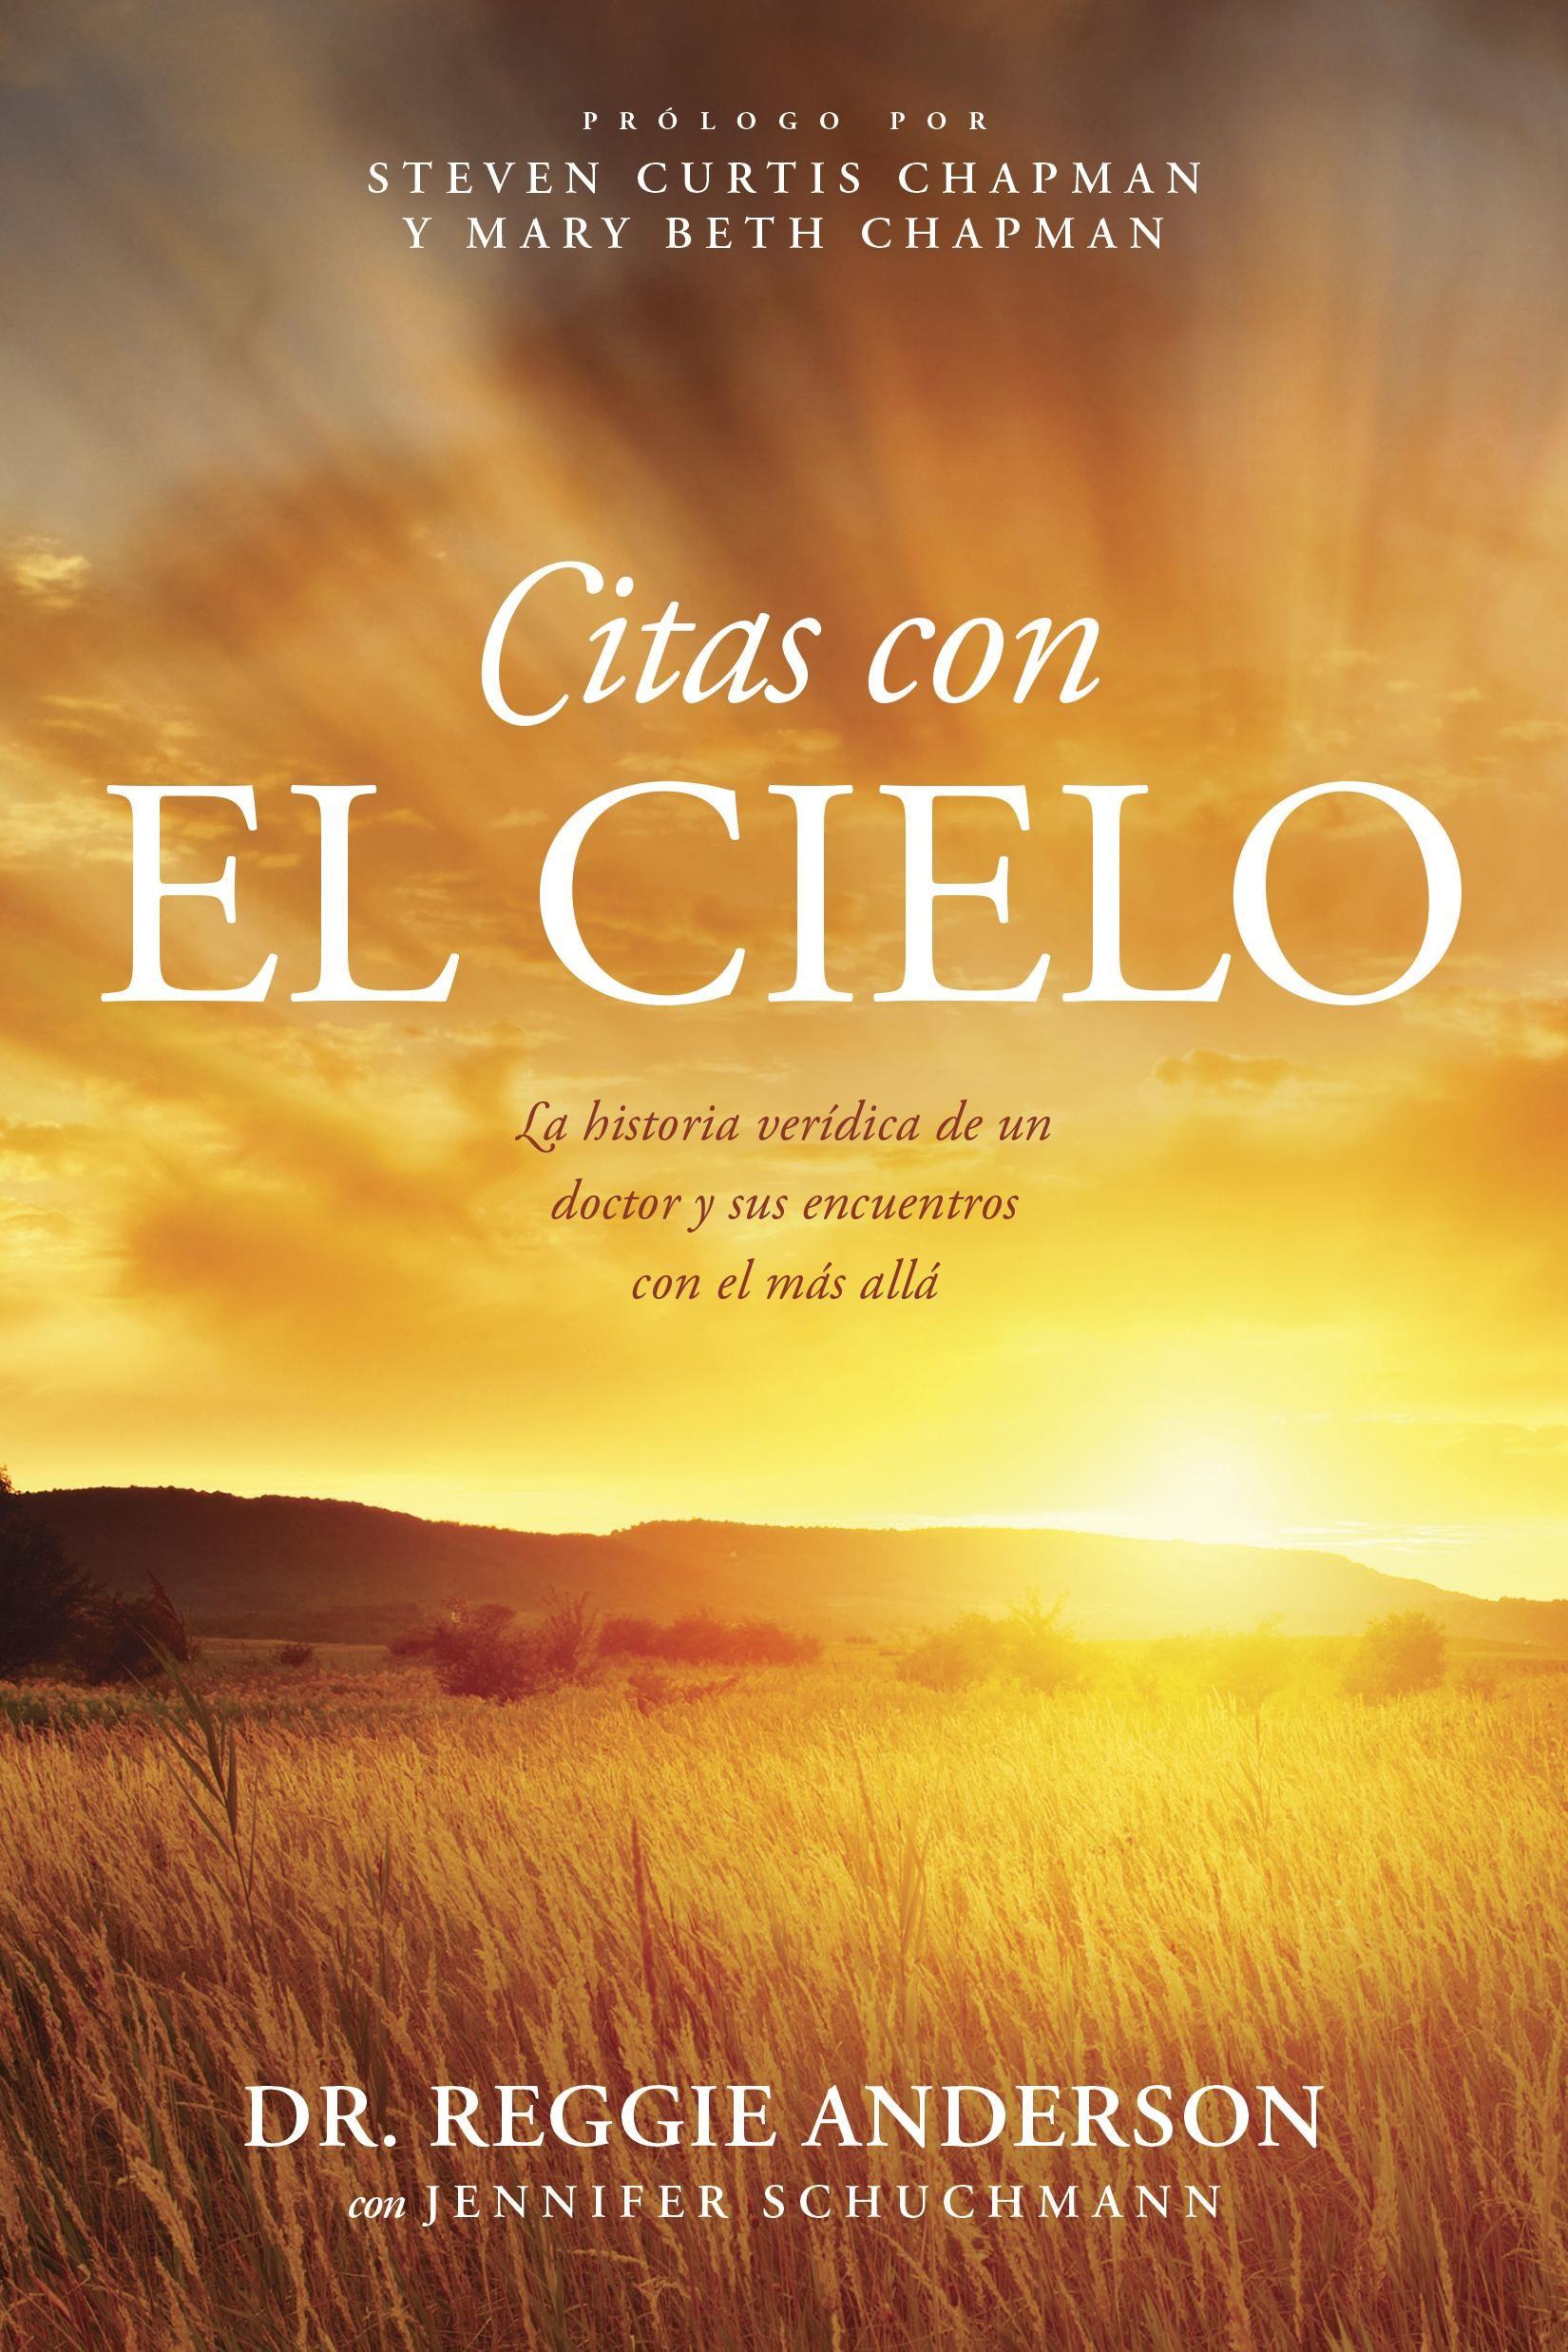 Citas con el cielo: Appointments with Heaven